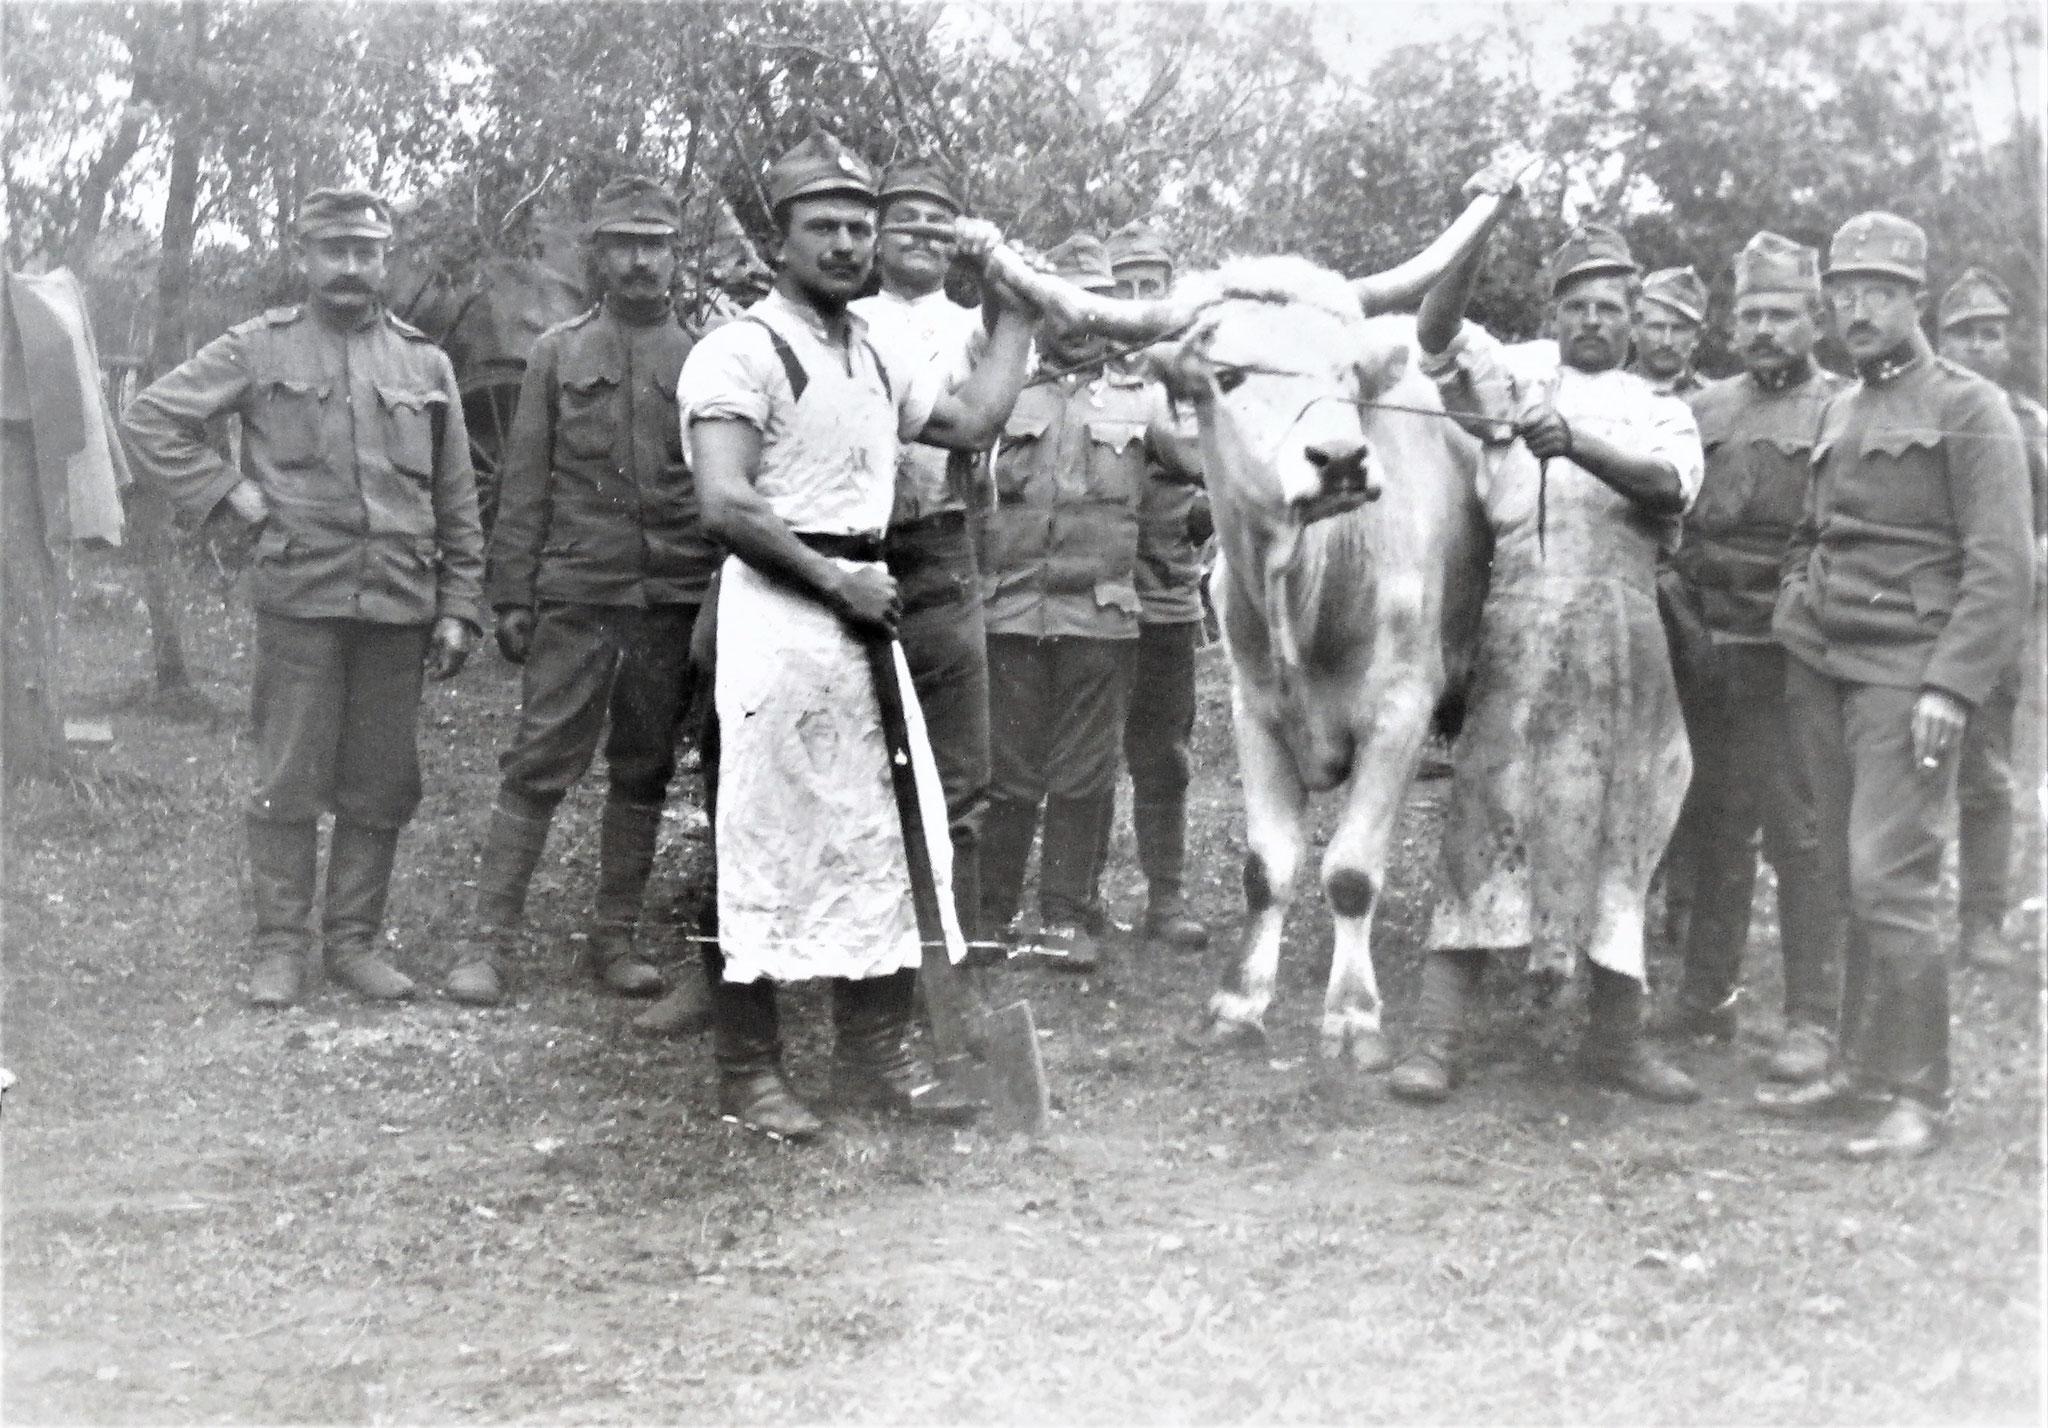 Der 2. ungarische Zugochse der 3. Esk., der nachdem der 1.  geschlachtet worden war, auch daran glauben musste.